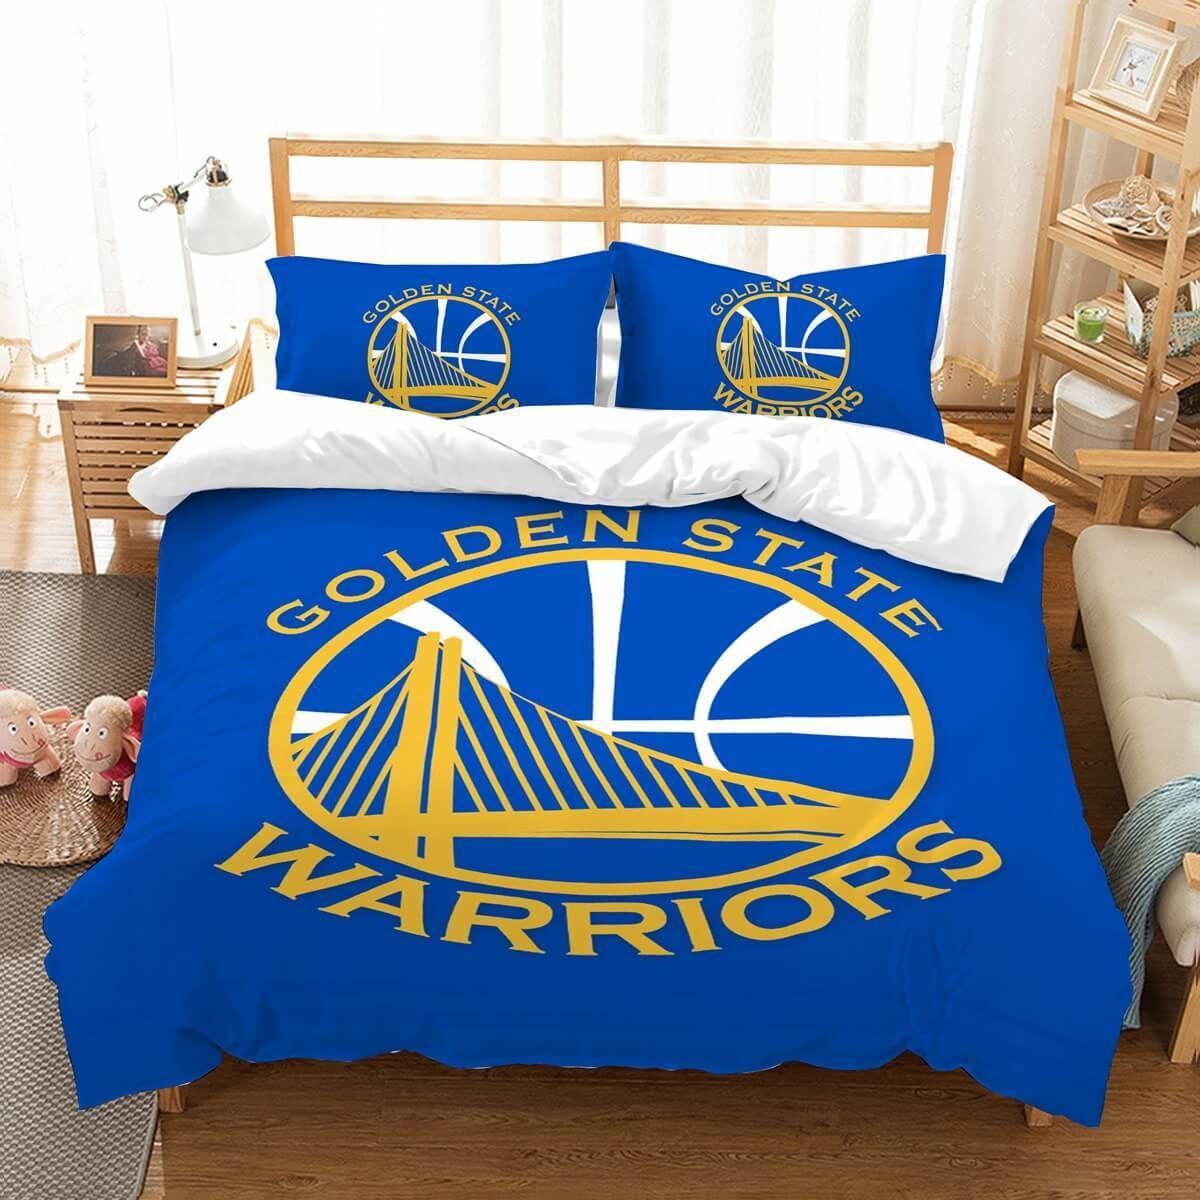 3D Customize Golden State Warriors Bedding Set Duvet Cover Set